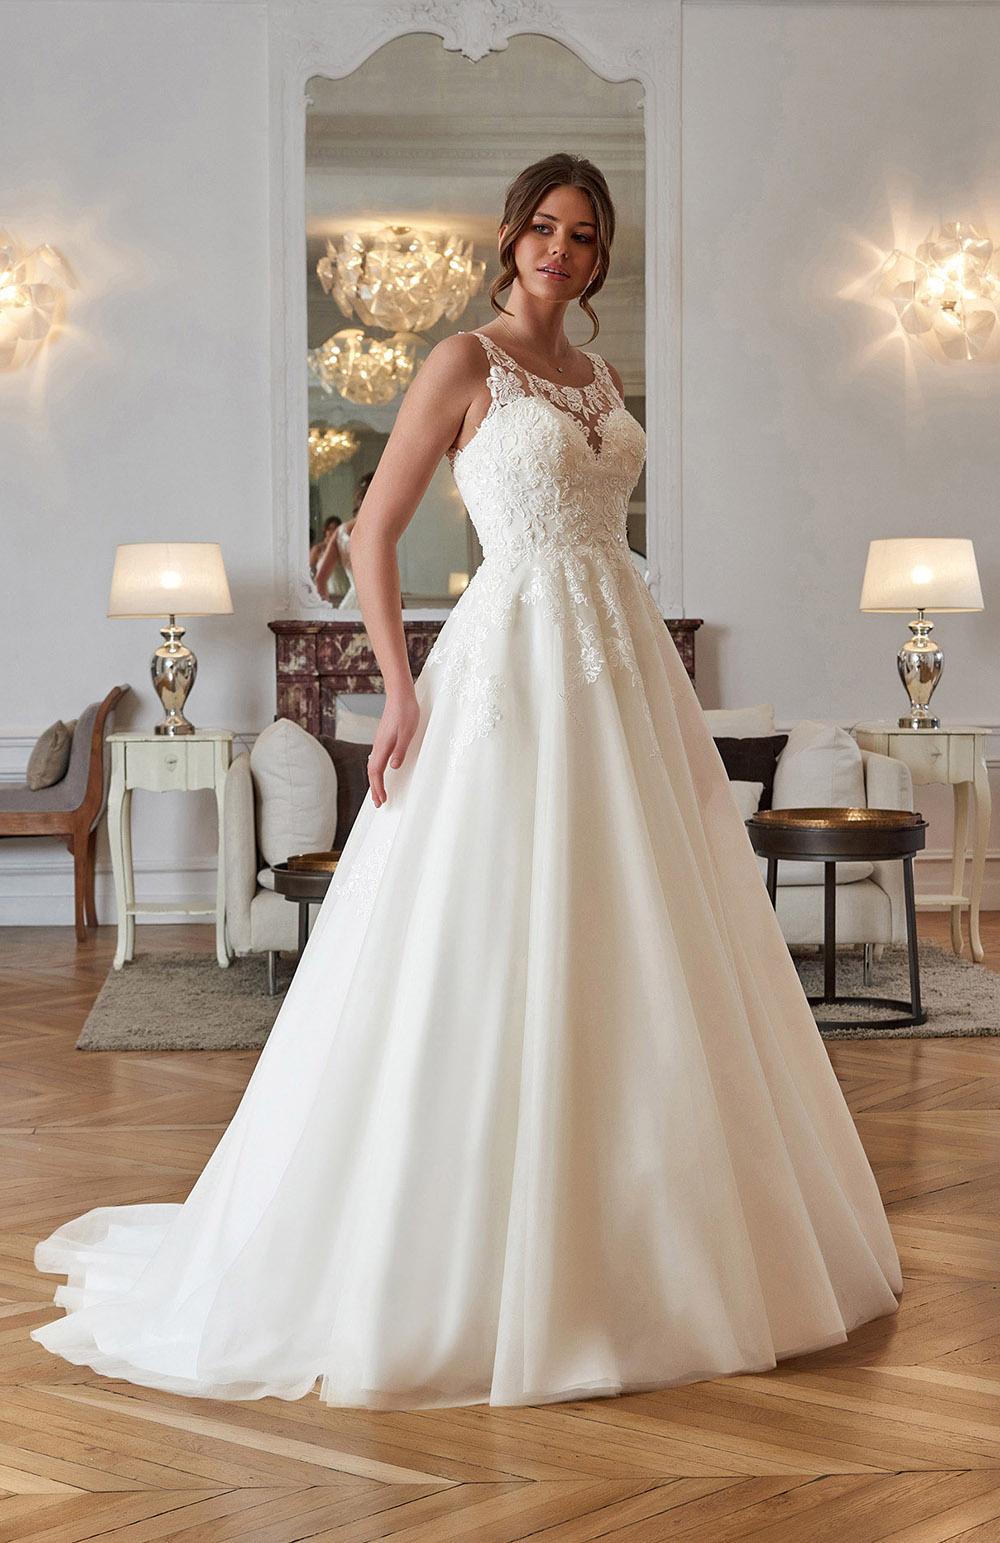 Robe de mariée Modèle Emerson